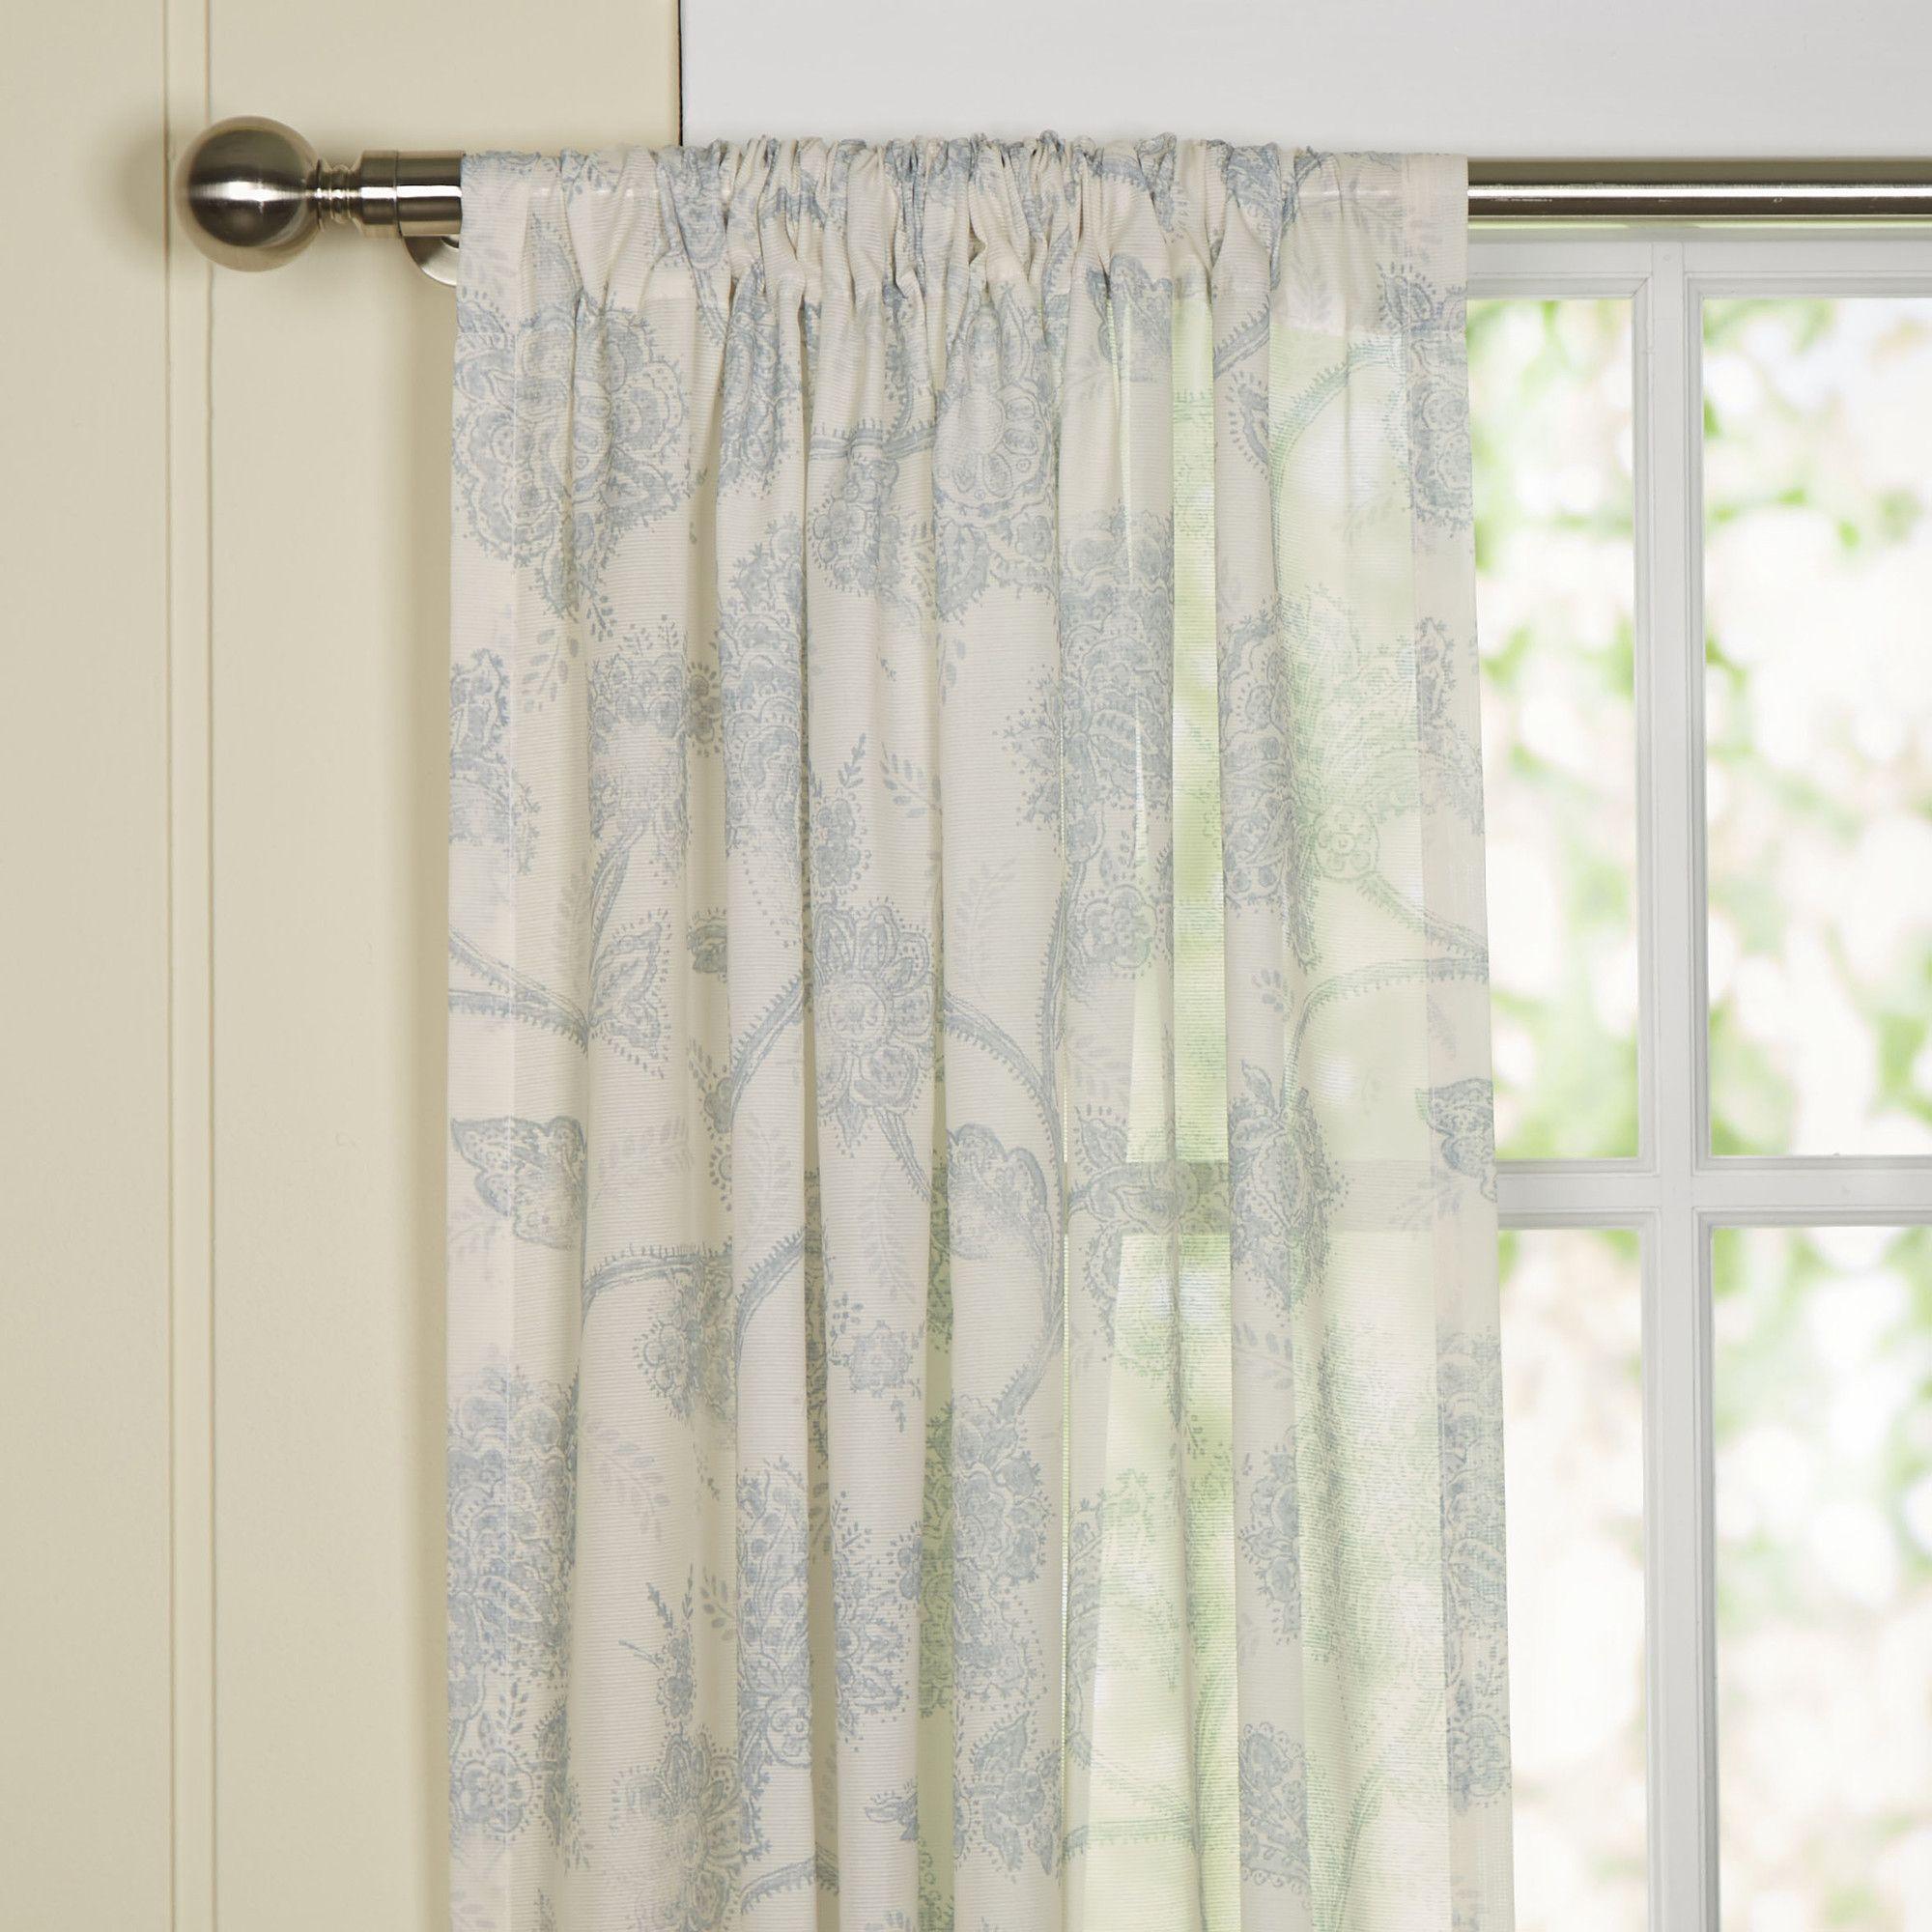 Inc faux silk blackout curtain set of 2 light pink hautelook - Birch Lane Parisa Single Sheer Curtain Panel Reviews Birch Lane